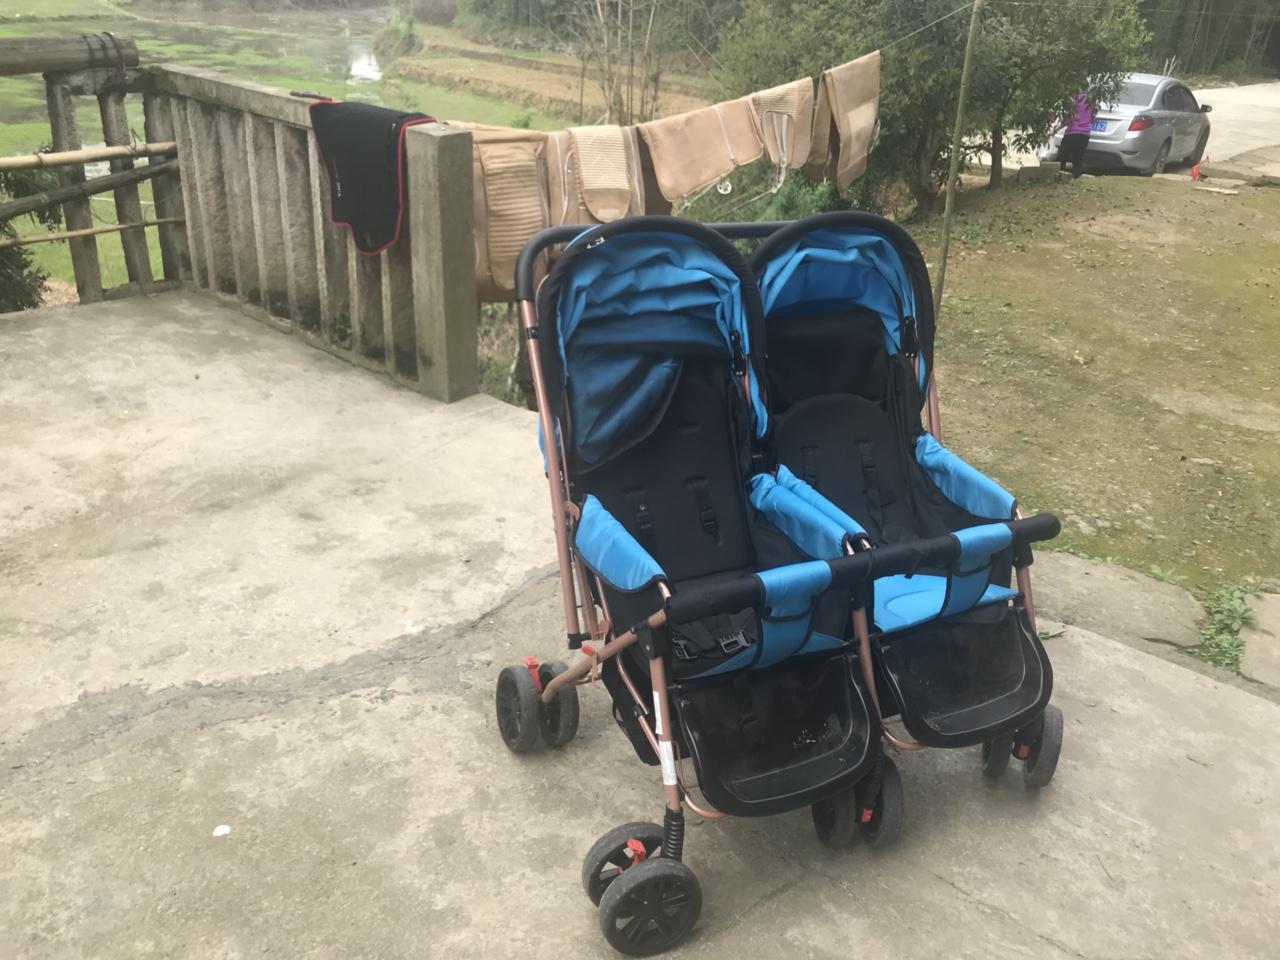 双胞胎婴儿车,全新,搬家以后用不到了,才买的